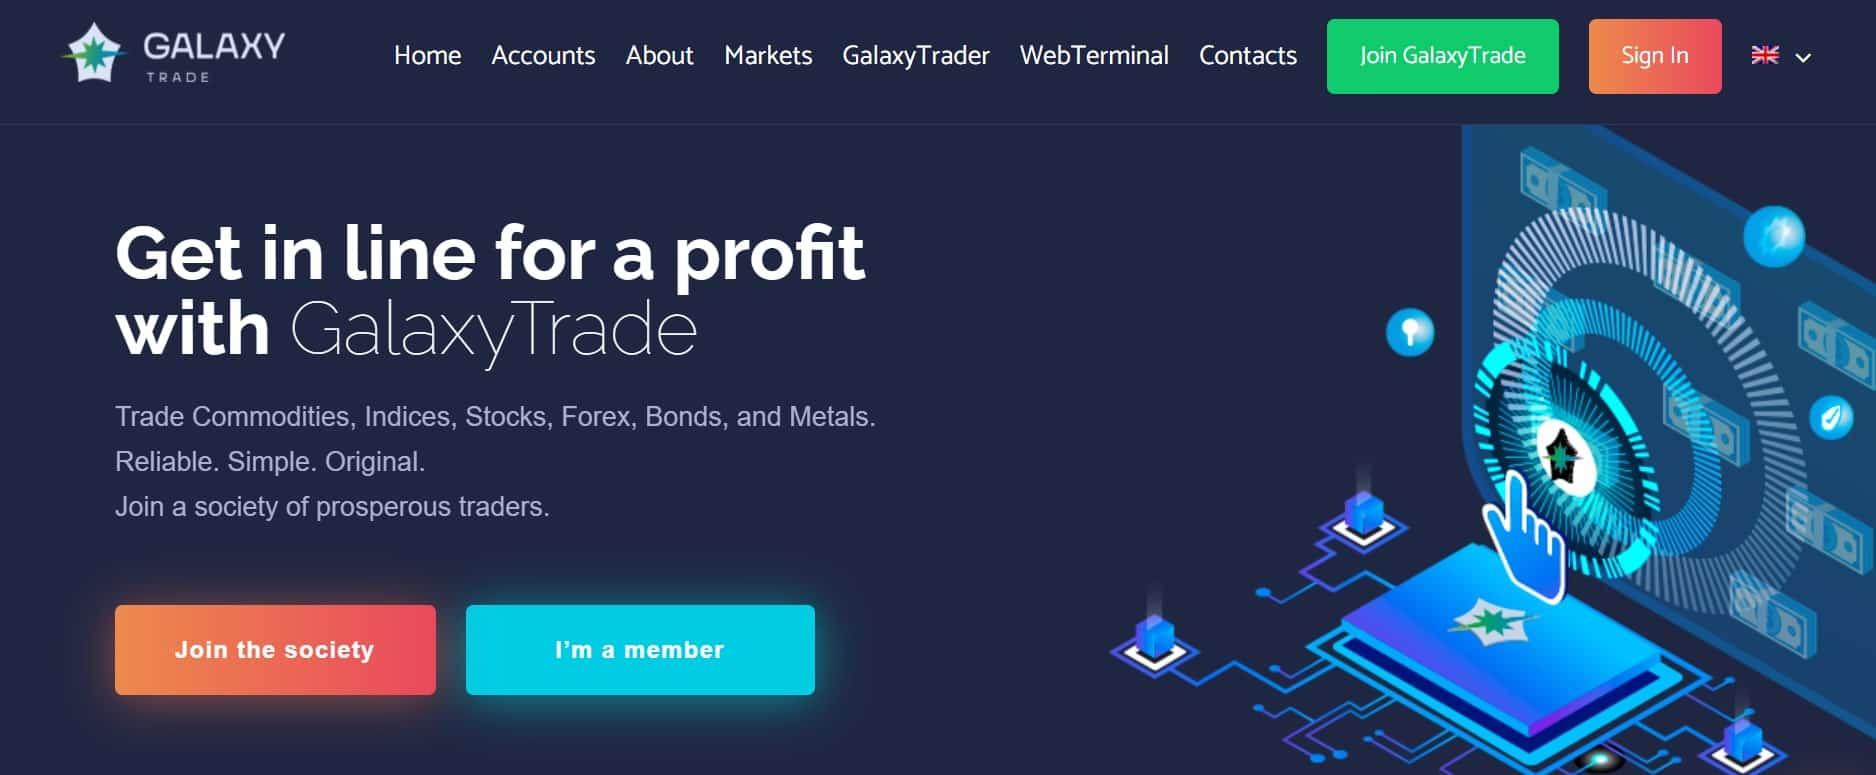 GalaxyTrade website